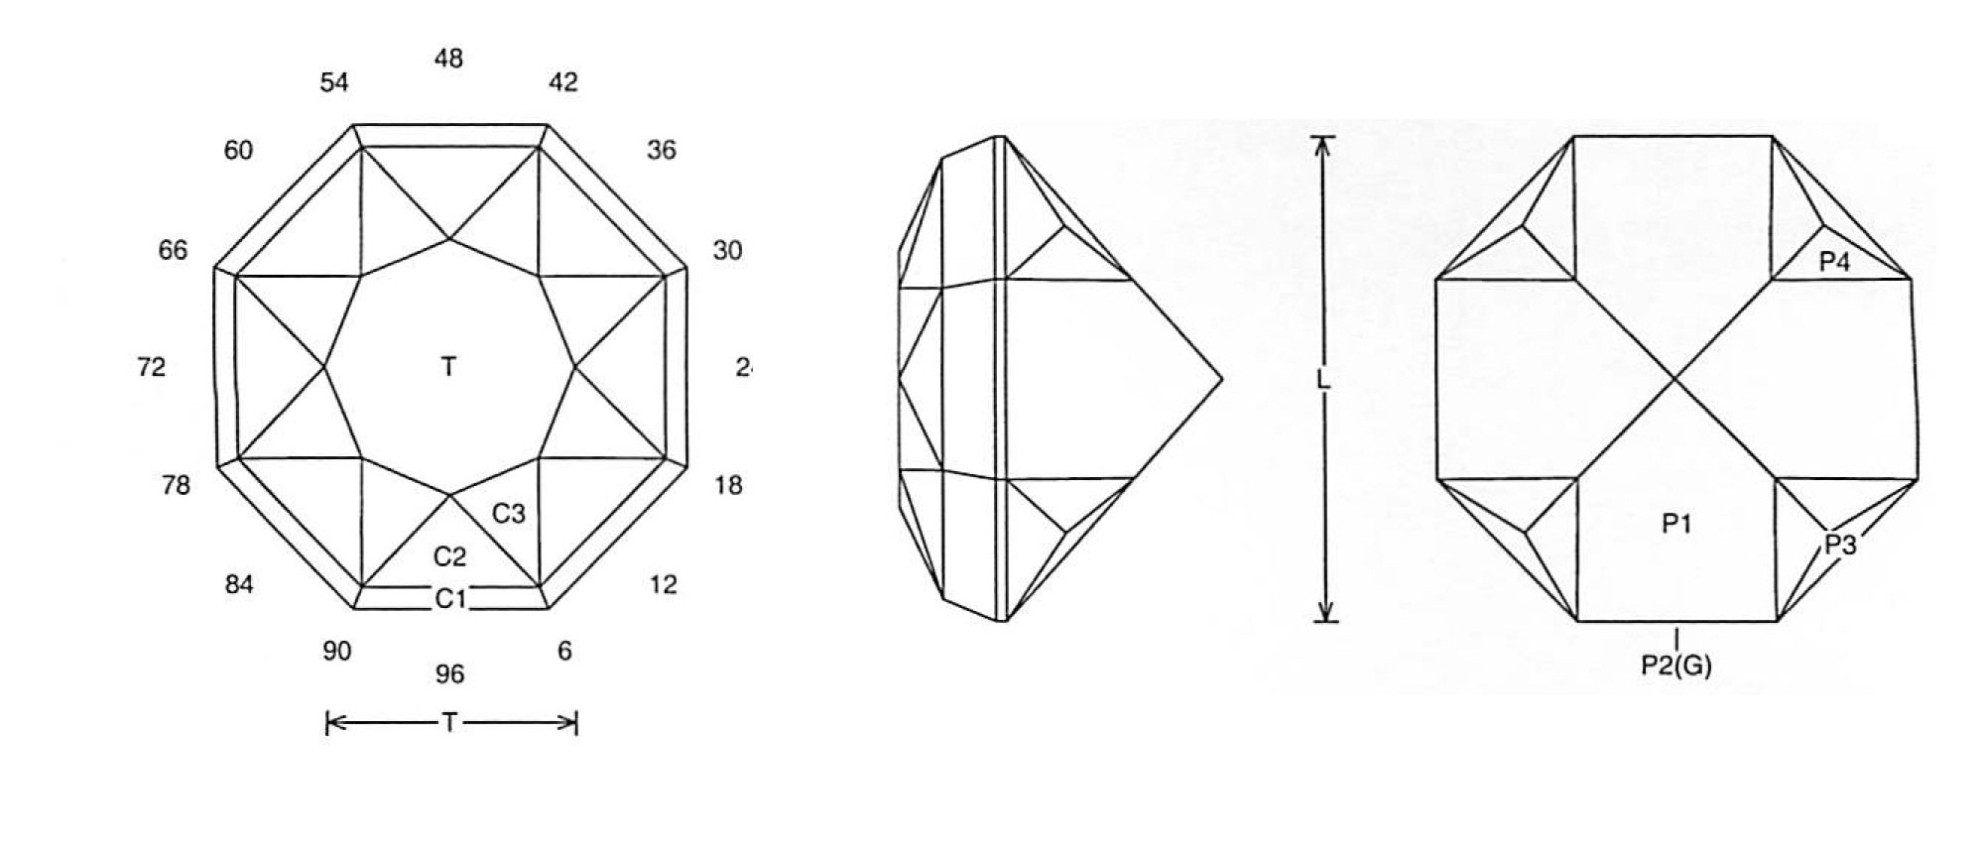 Faceting Design Diagram  Shovel Head - Feldspar